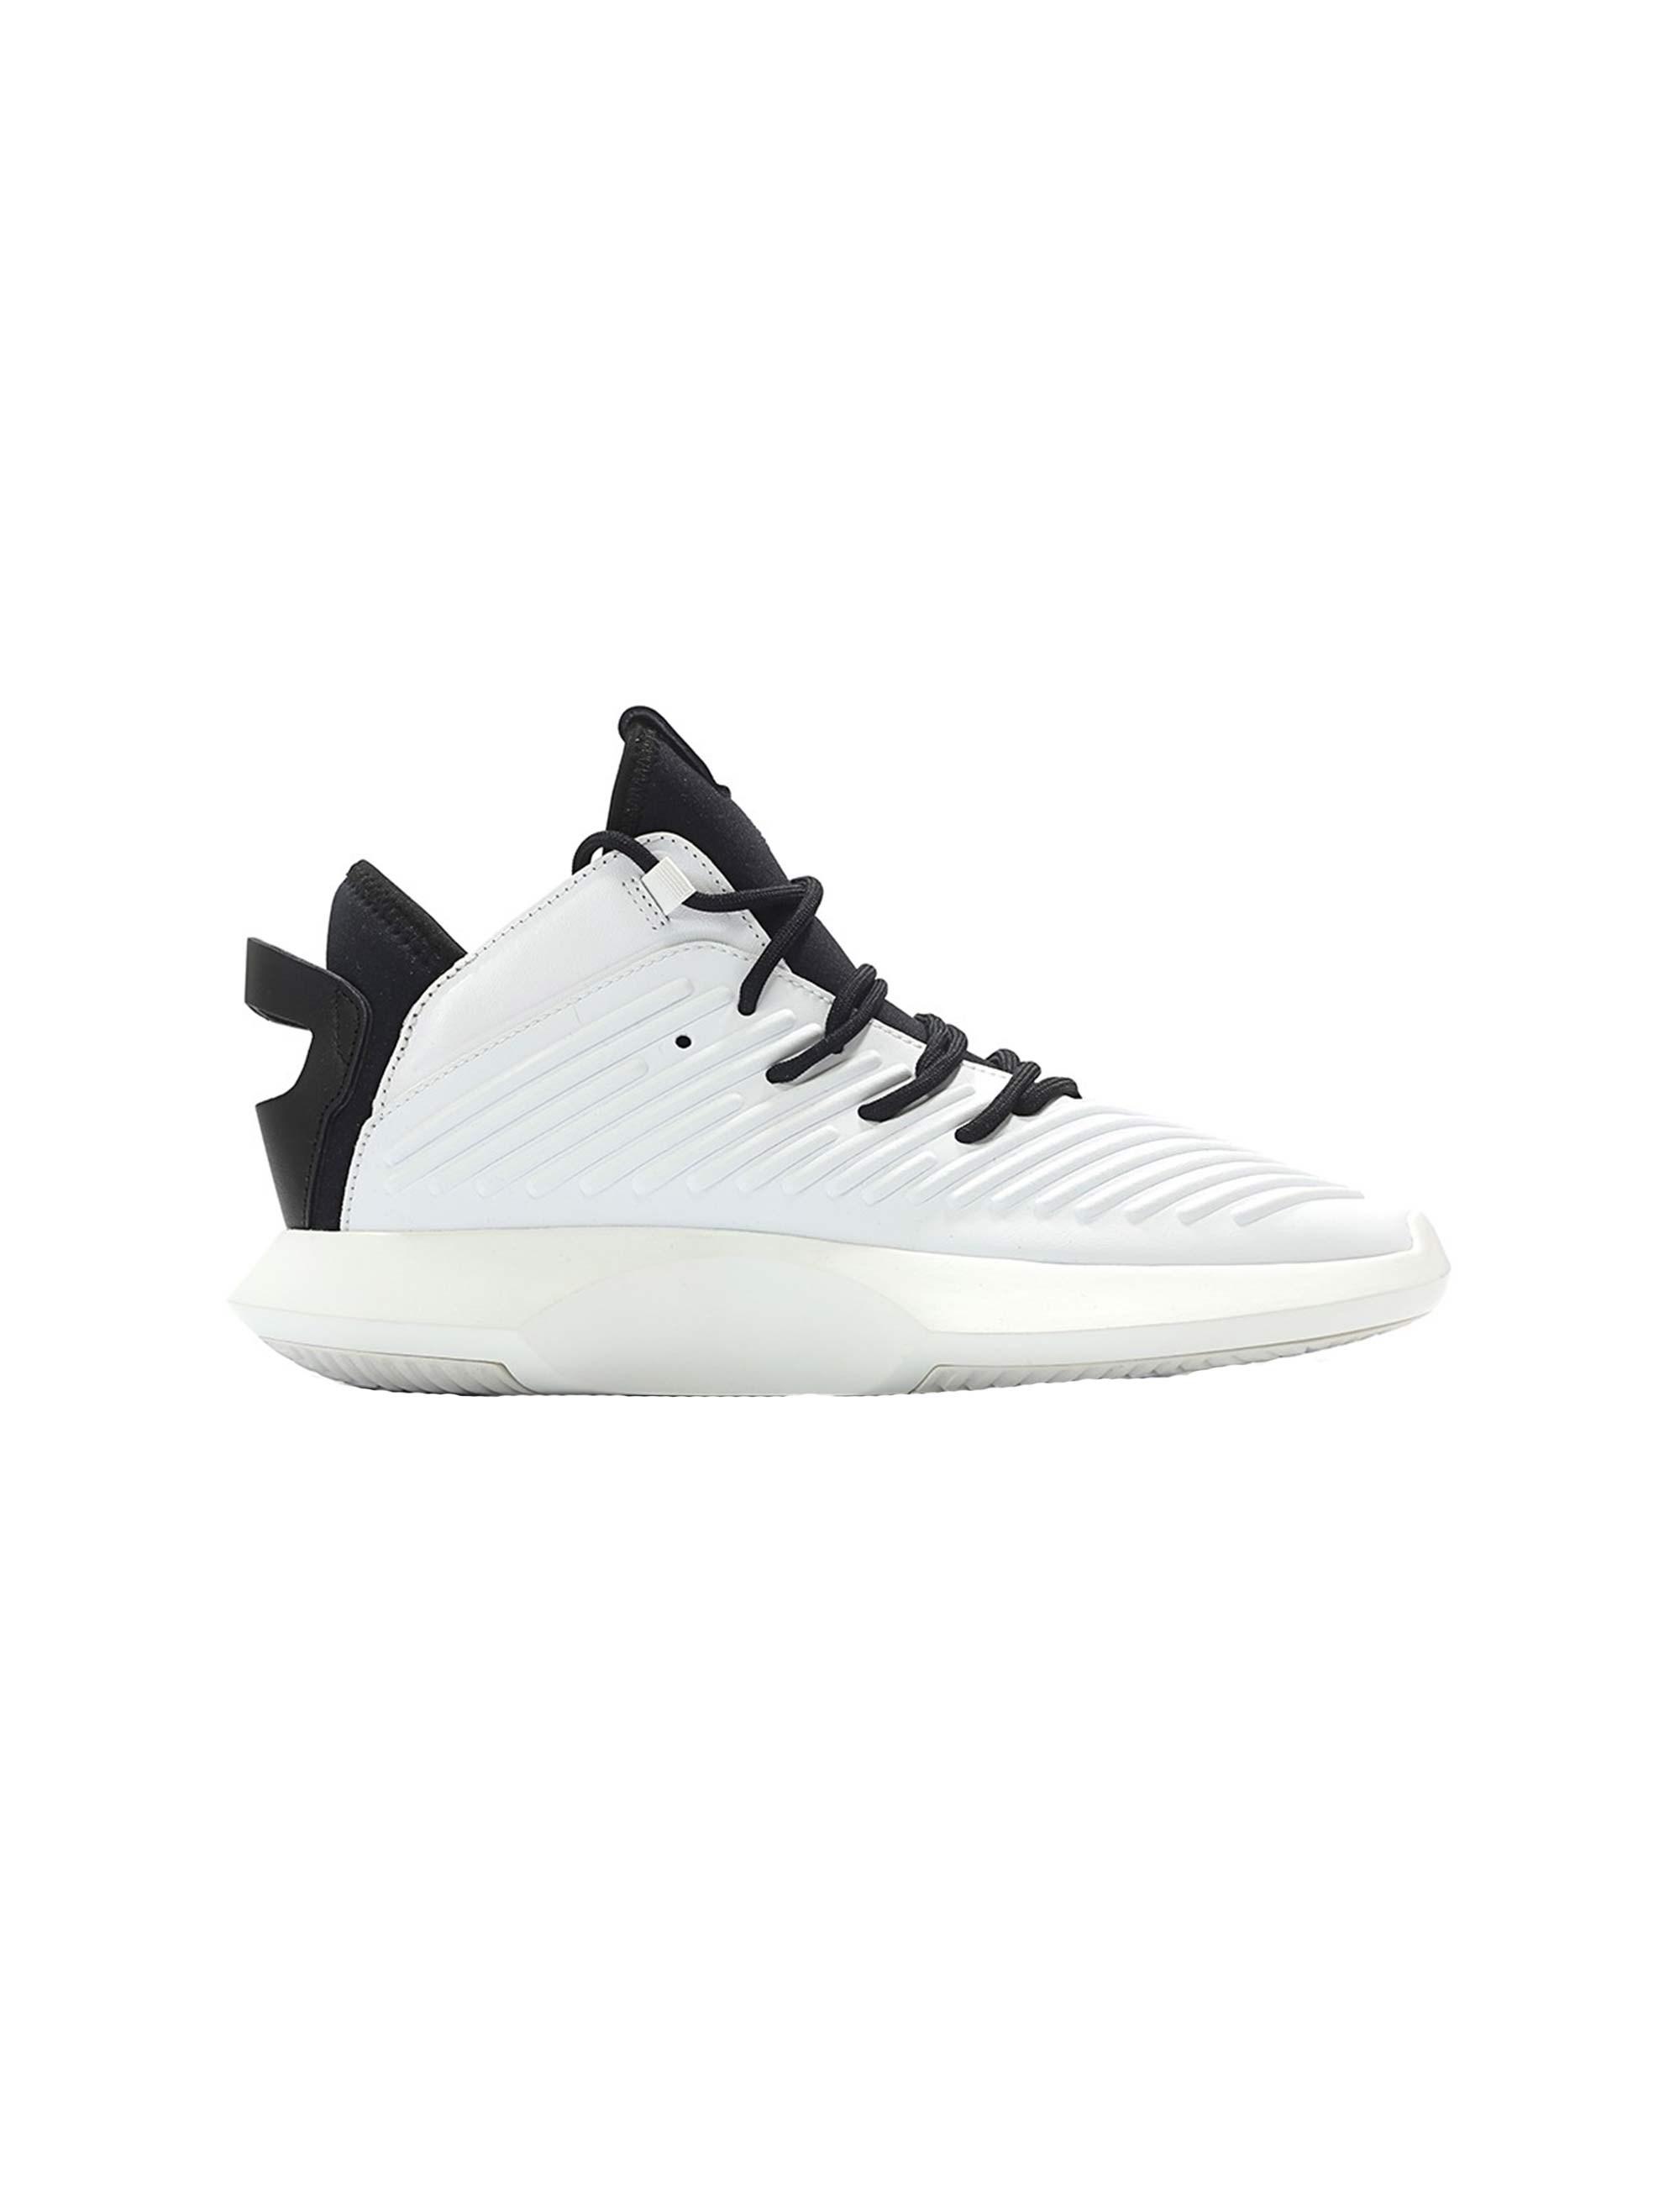 کفش بسکتبال مردانه آدیداس مدل Crazy 1 ADV